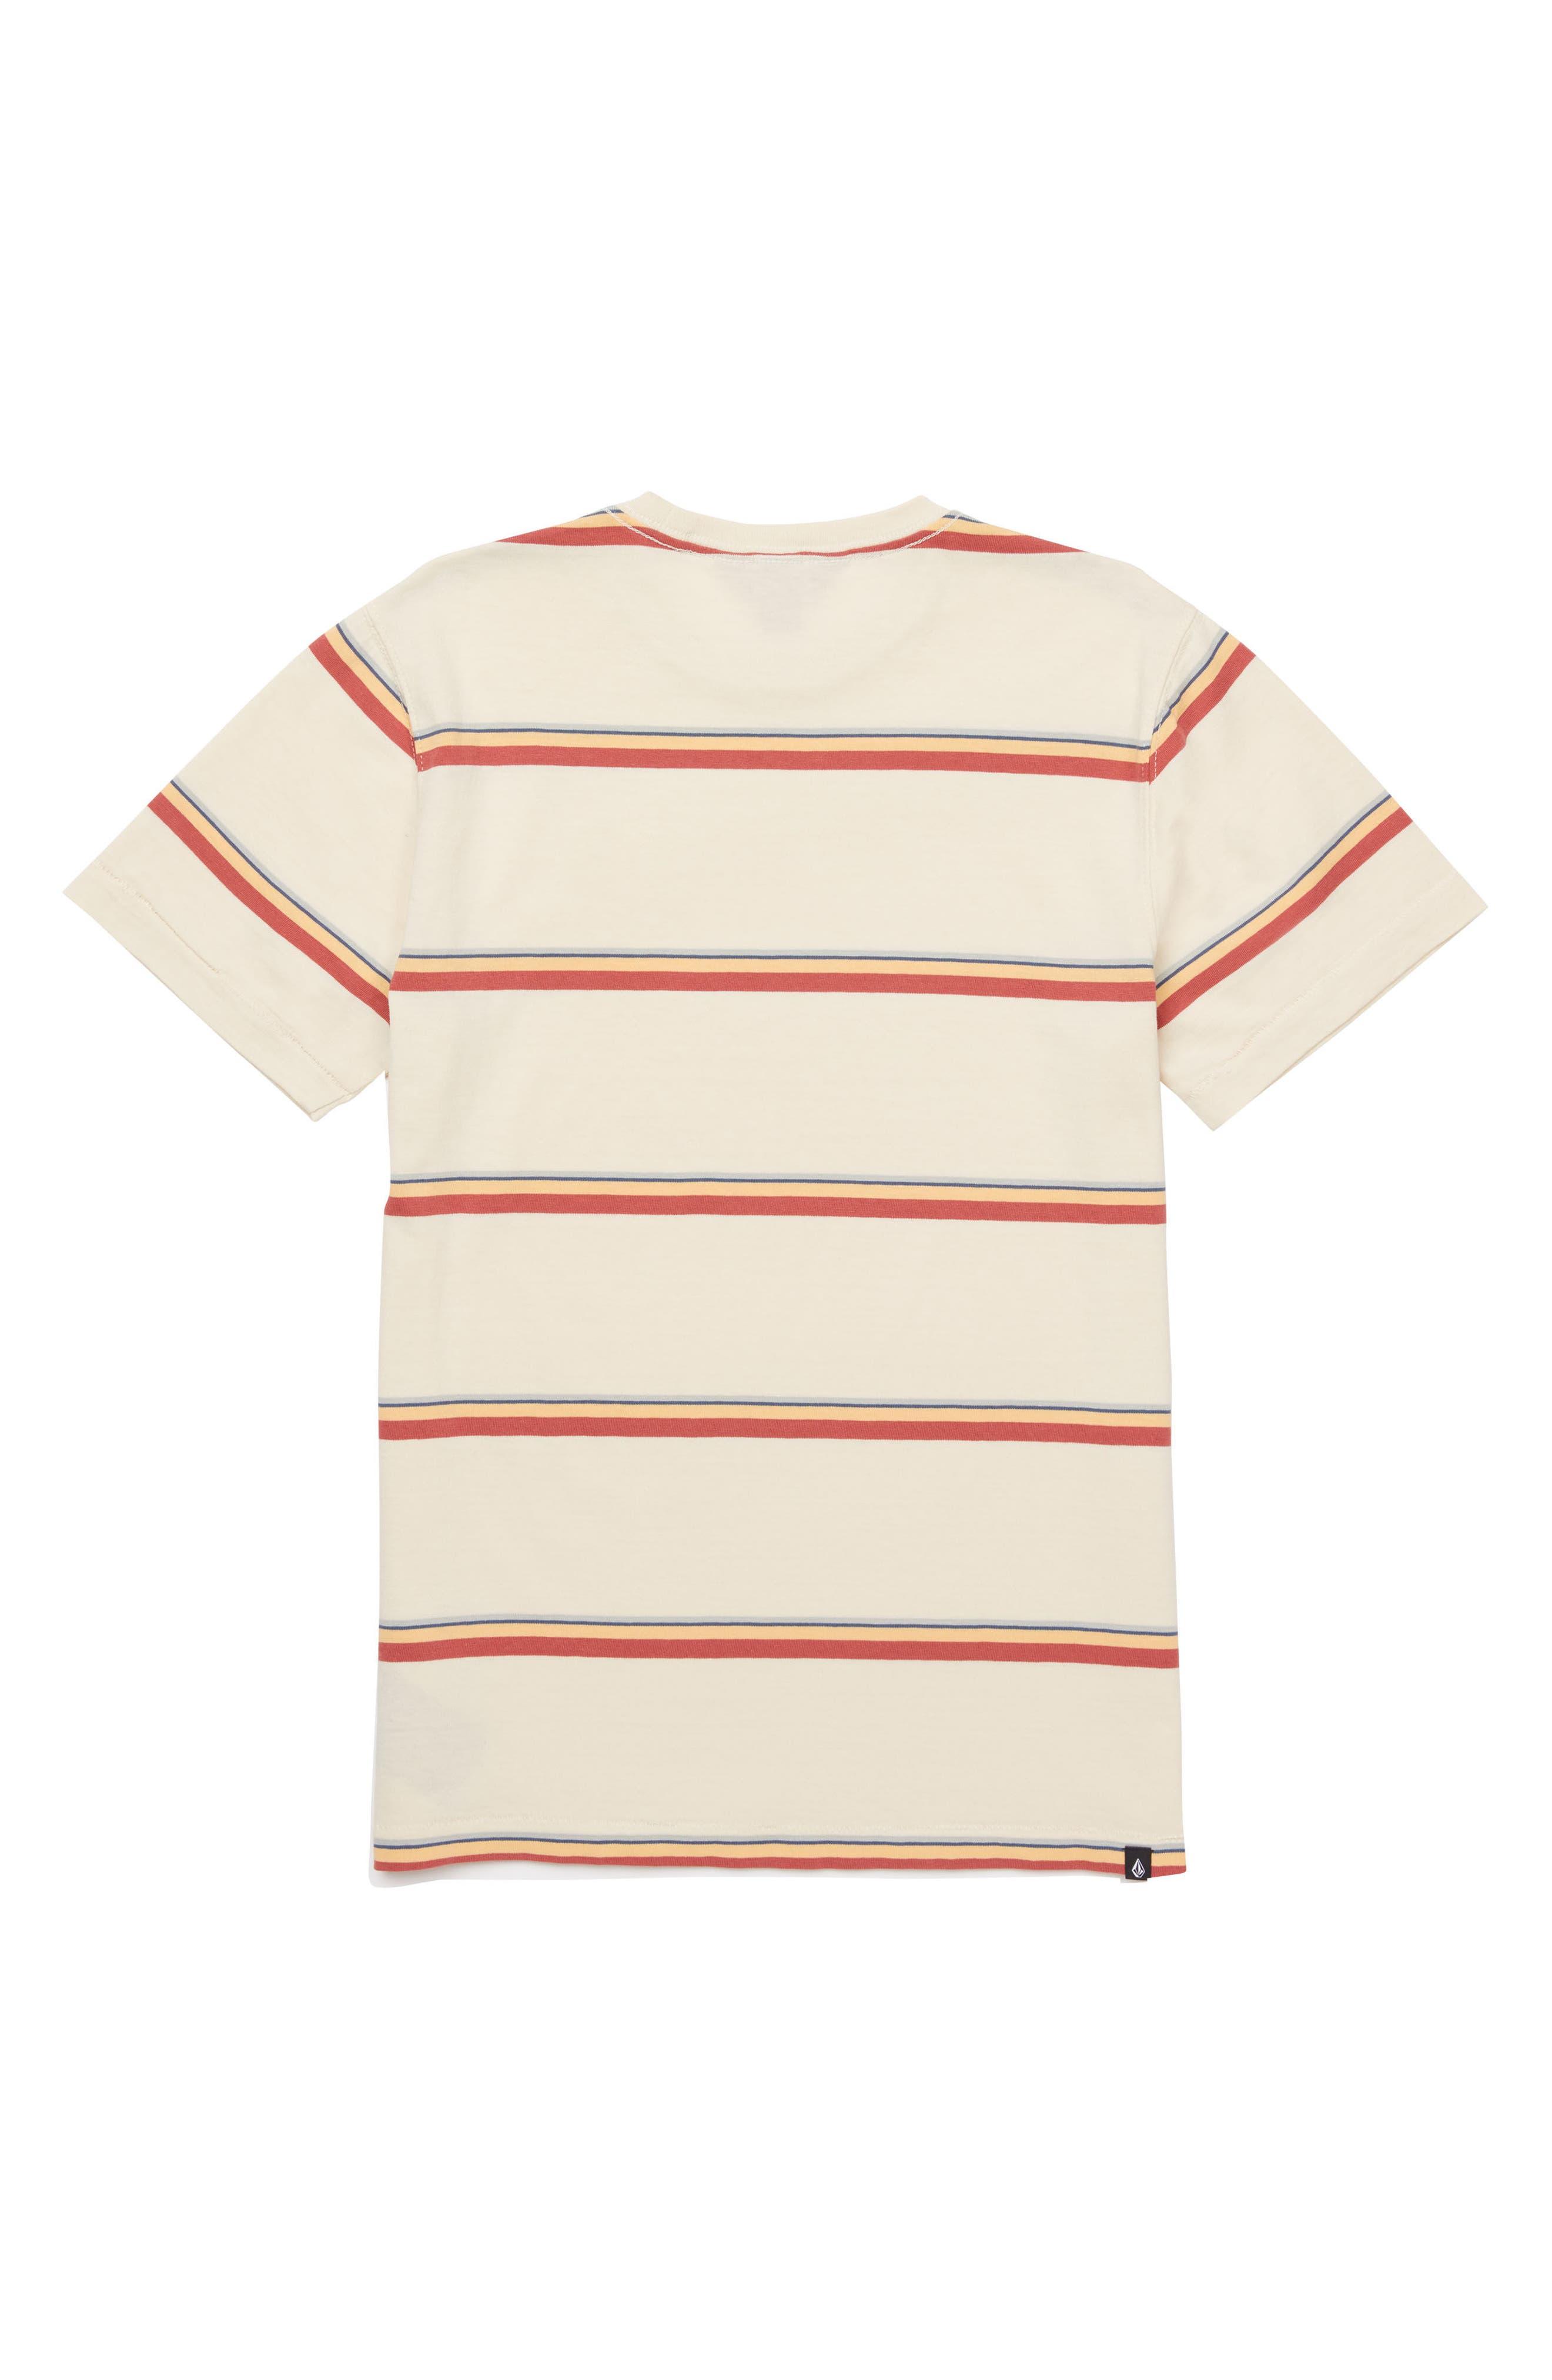 Sheldon Stripe Crewneck T-Shirt,                             Alternate thumbnail 2, color,                             White Flash